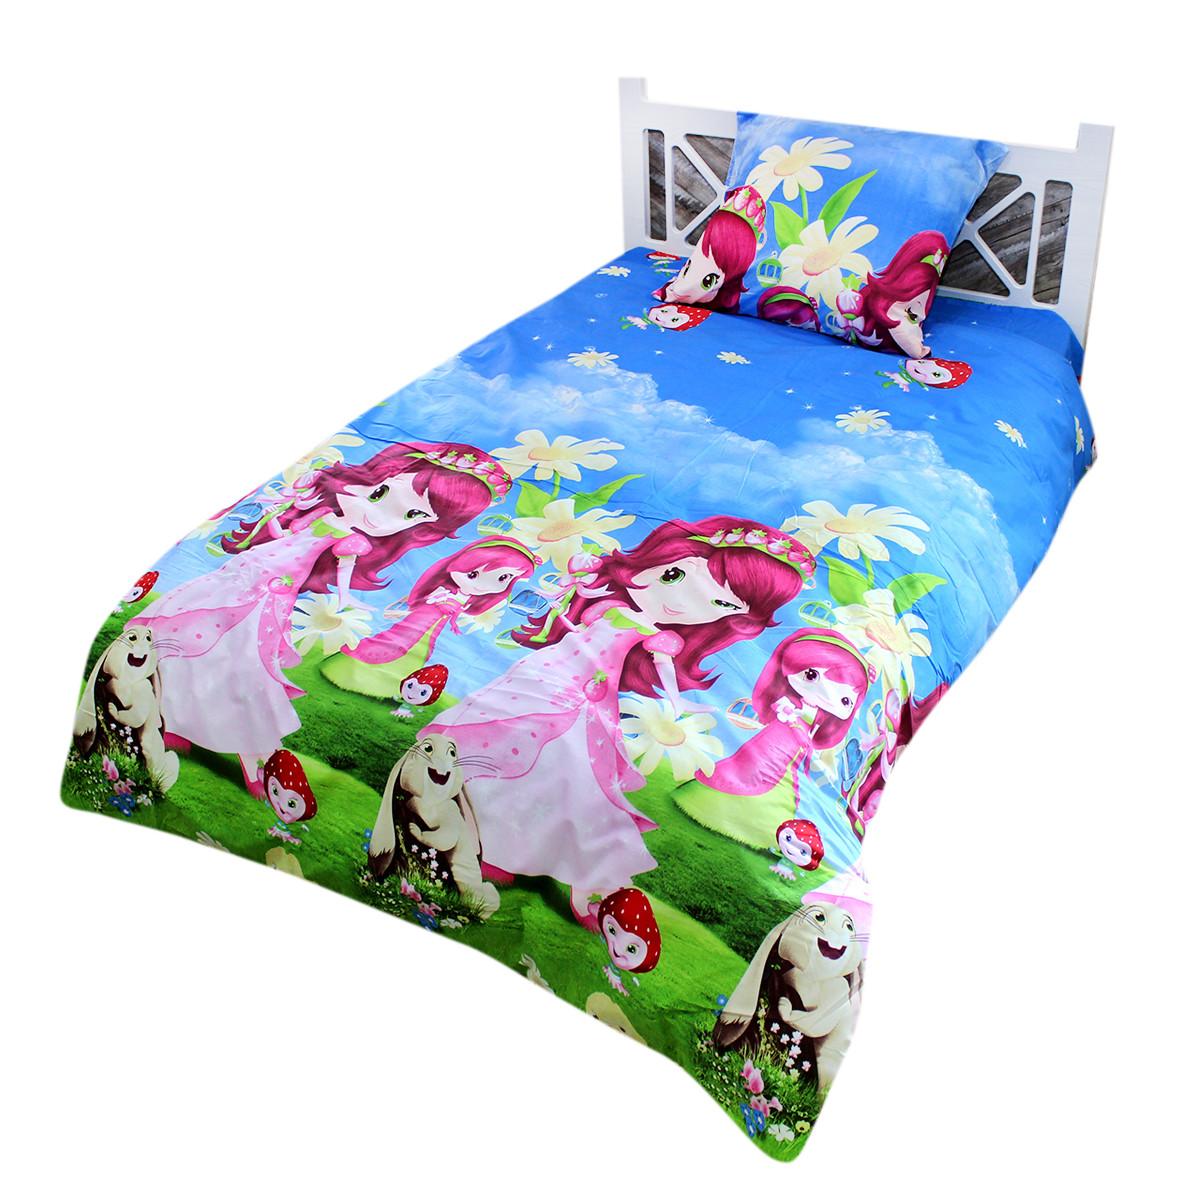 Комплект постельного белья Moorvin Полуторный 150х215 (RAP_507_0119)